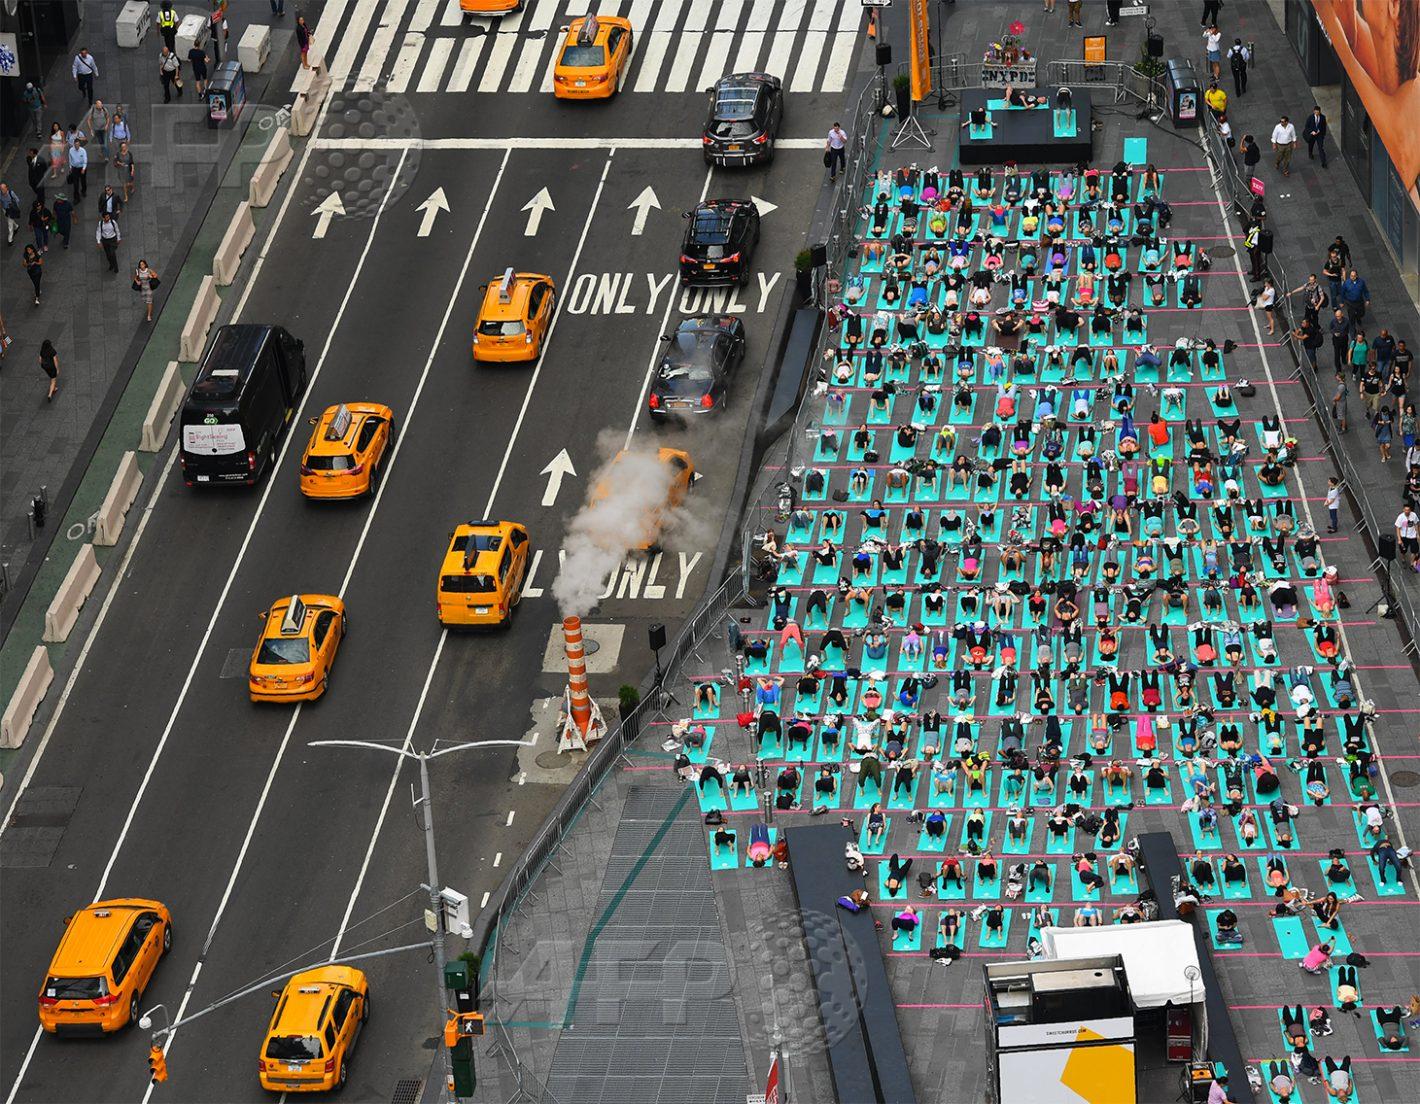 AFP 3 / ÉTATS-UNIS 21 juin 2017 - New York, États-Unis - Des pratiquants assistent au 15e festival annuel de yoga à Times Square, qui célèbre à la fois le solstice d'été et la journée internationale de la discipline. AFP / TIMOTHY A. CLARY